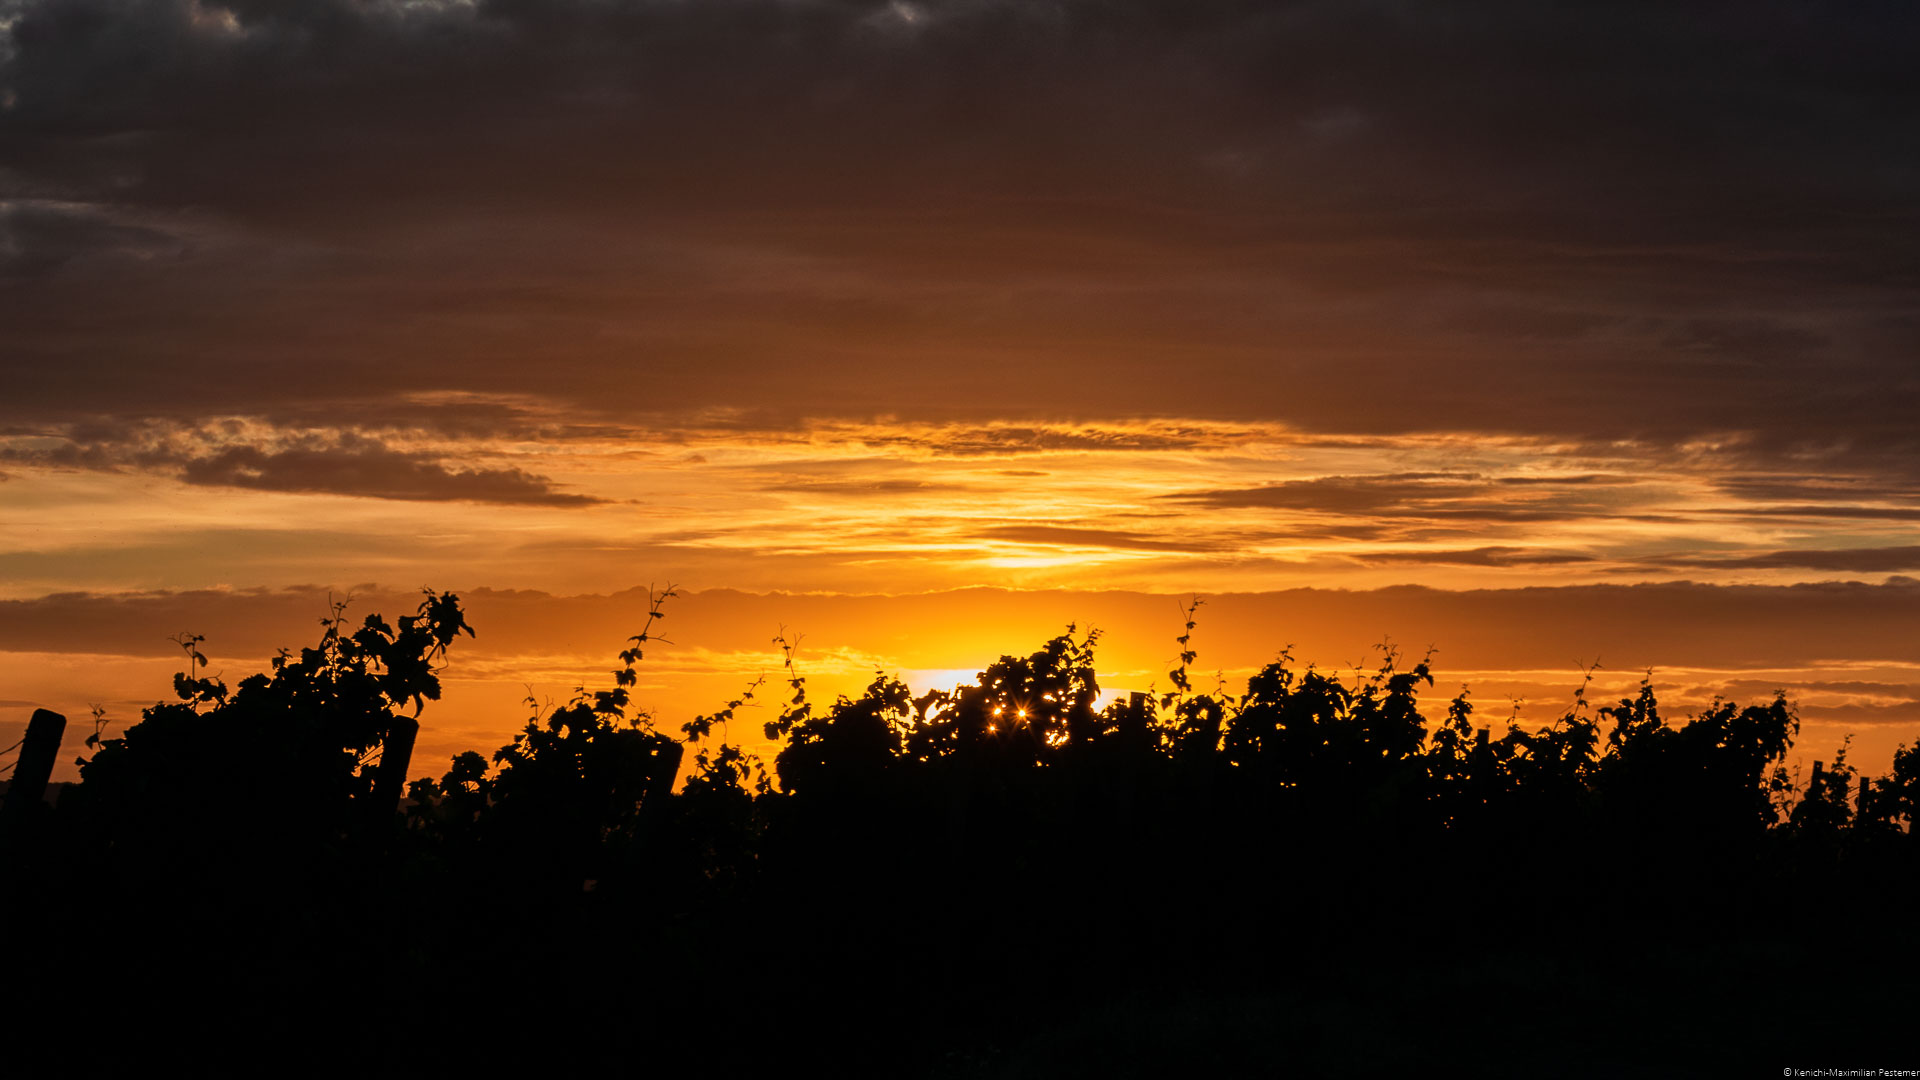 Sonnenuntergang am Weinberg Wiltinger Braunfels an der Parzelle Vols. Vorne befinden sich Reben. Der Himmel ist in orange und rötlich gefärbt.